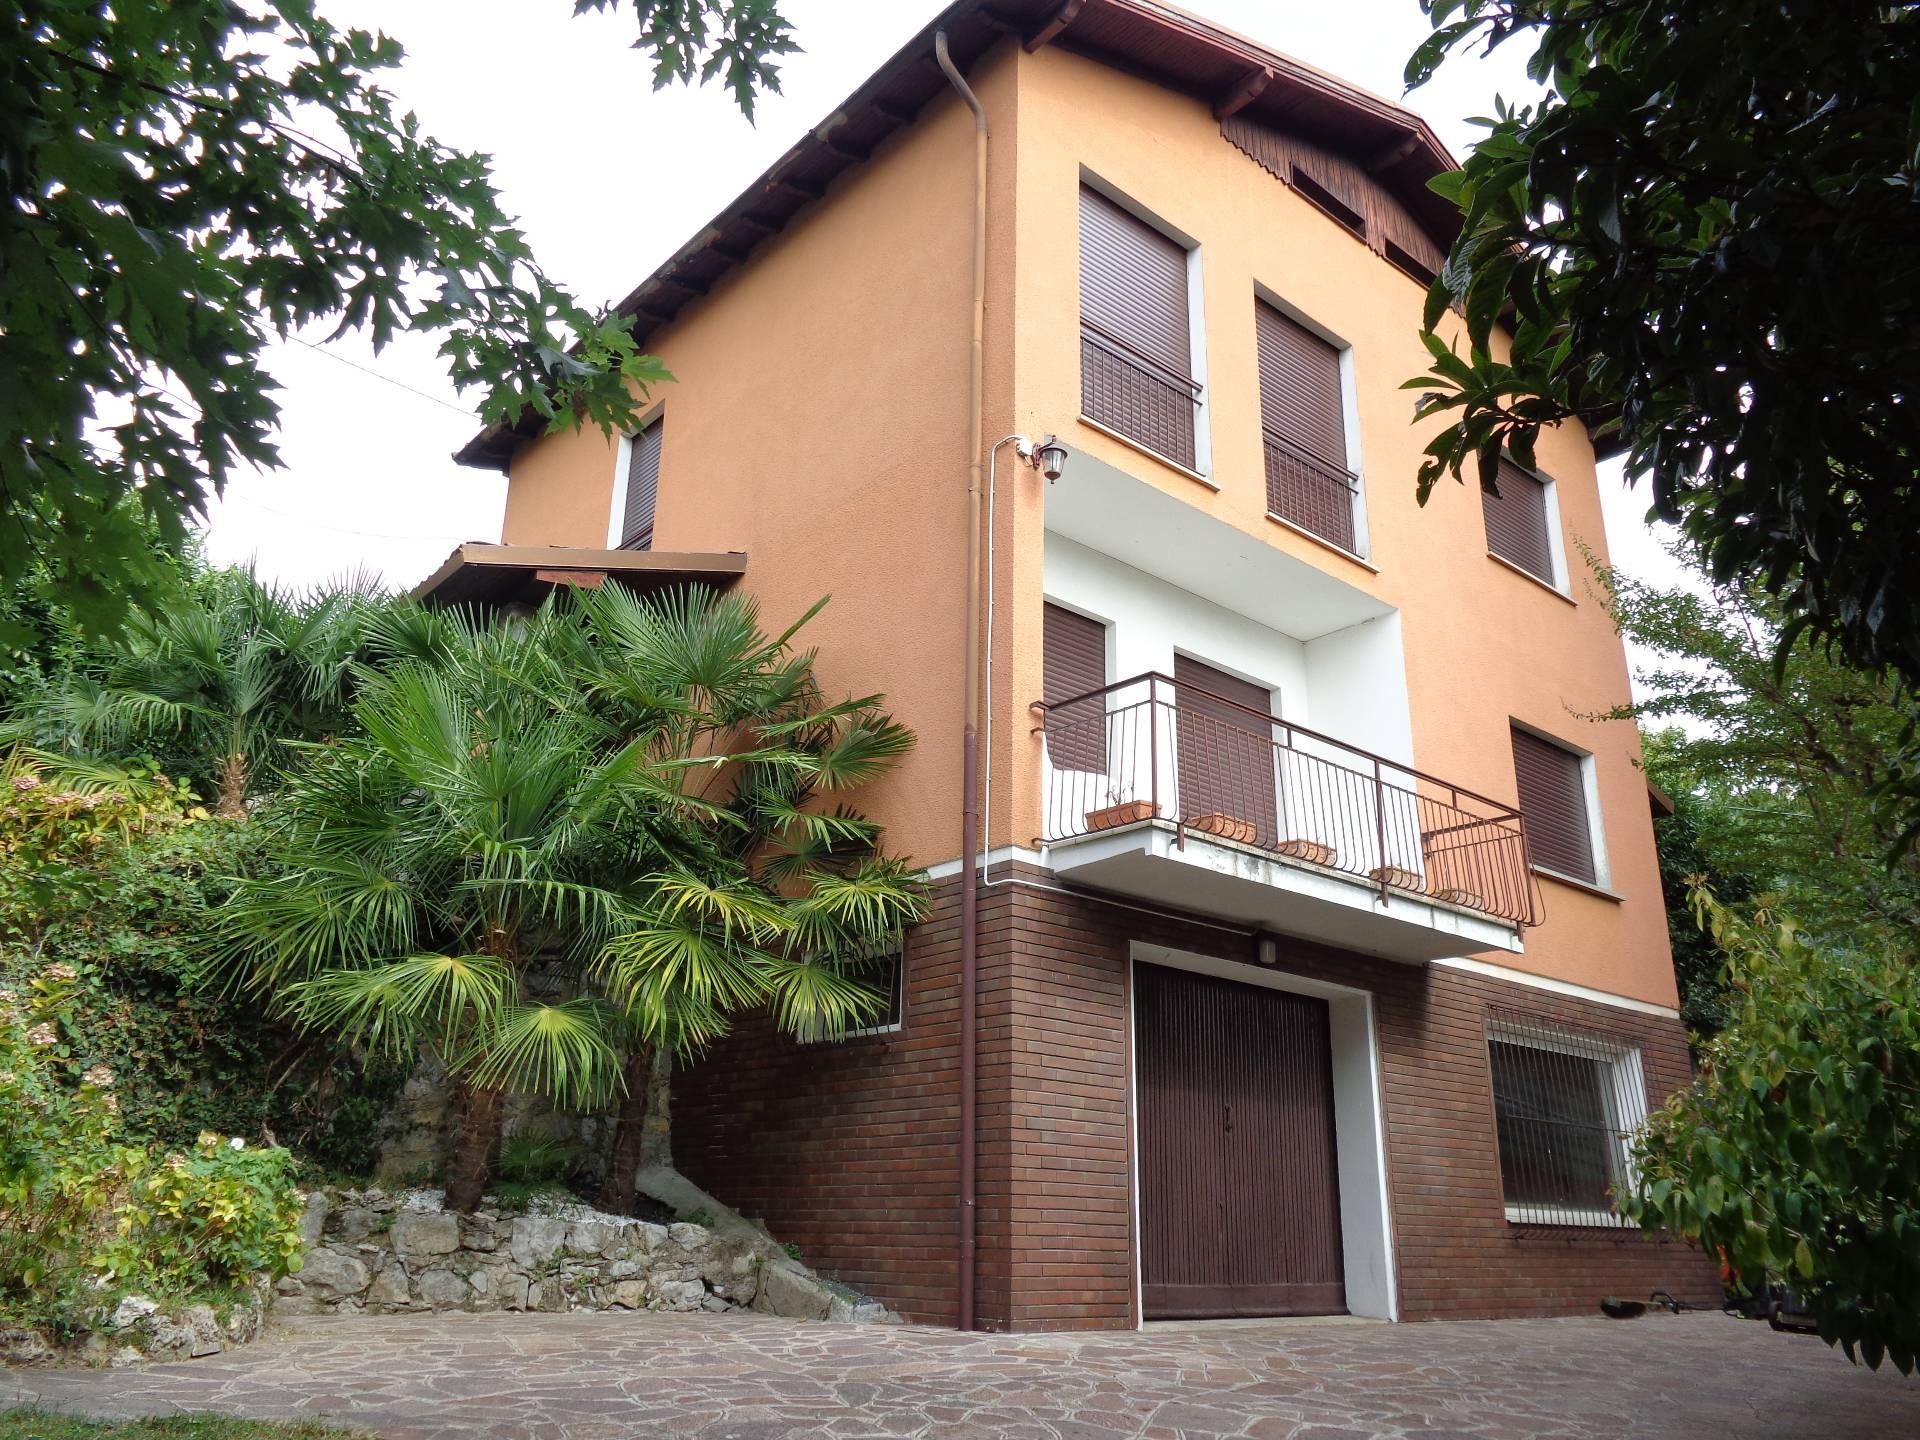 Villa in vendita a Longone al Segrino, 7 locali, prezzo € 270.000 | CambioCasa.it